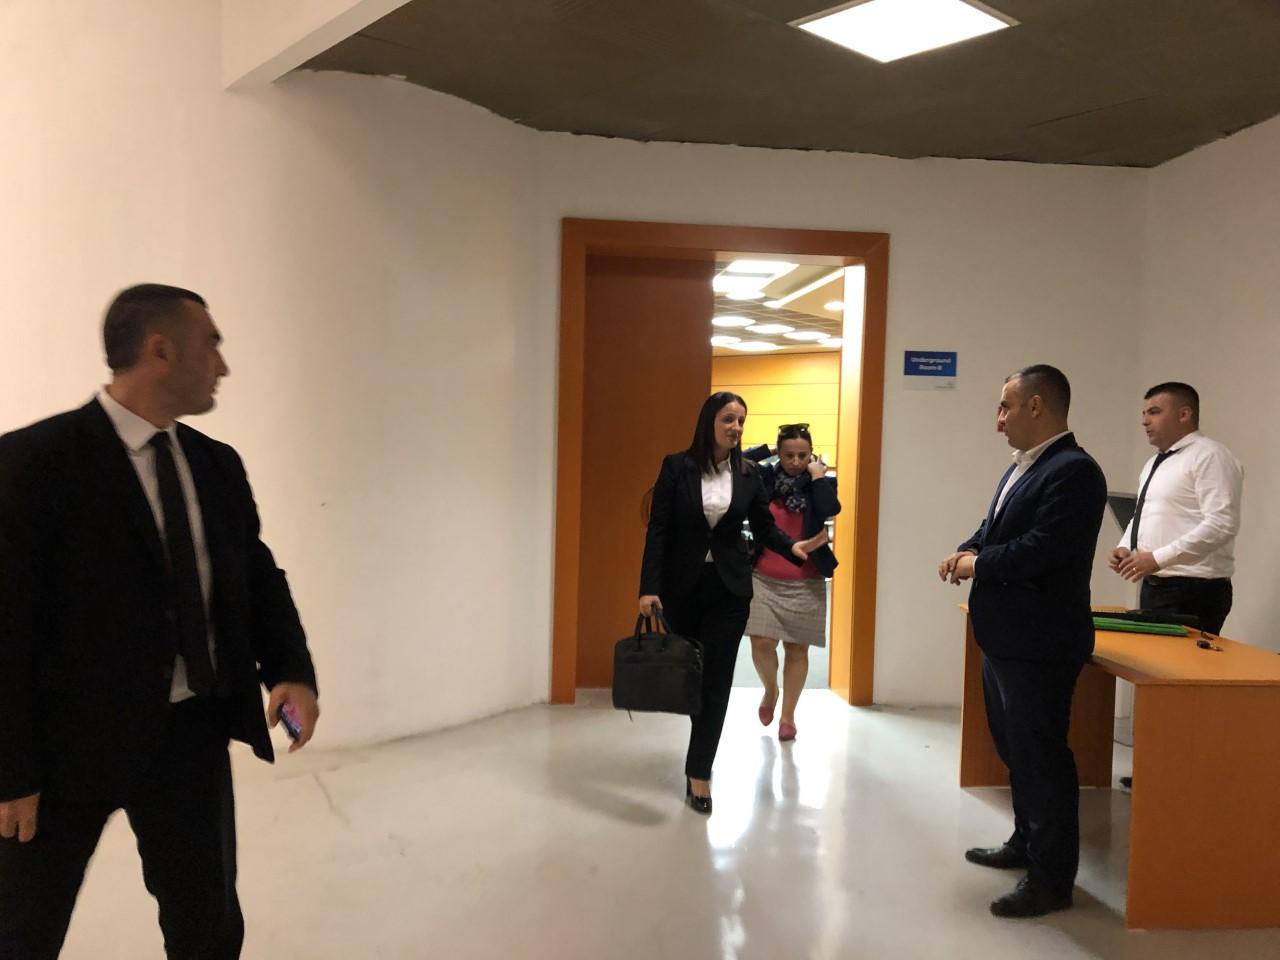 KPK konfirmon prokuroren e Krimeve të Rënda Sonila Muhametaj